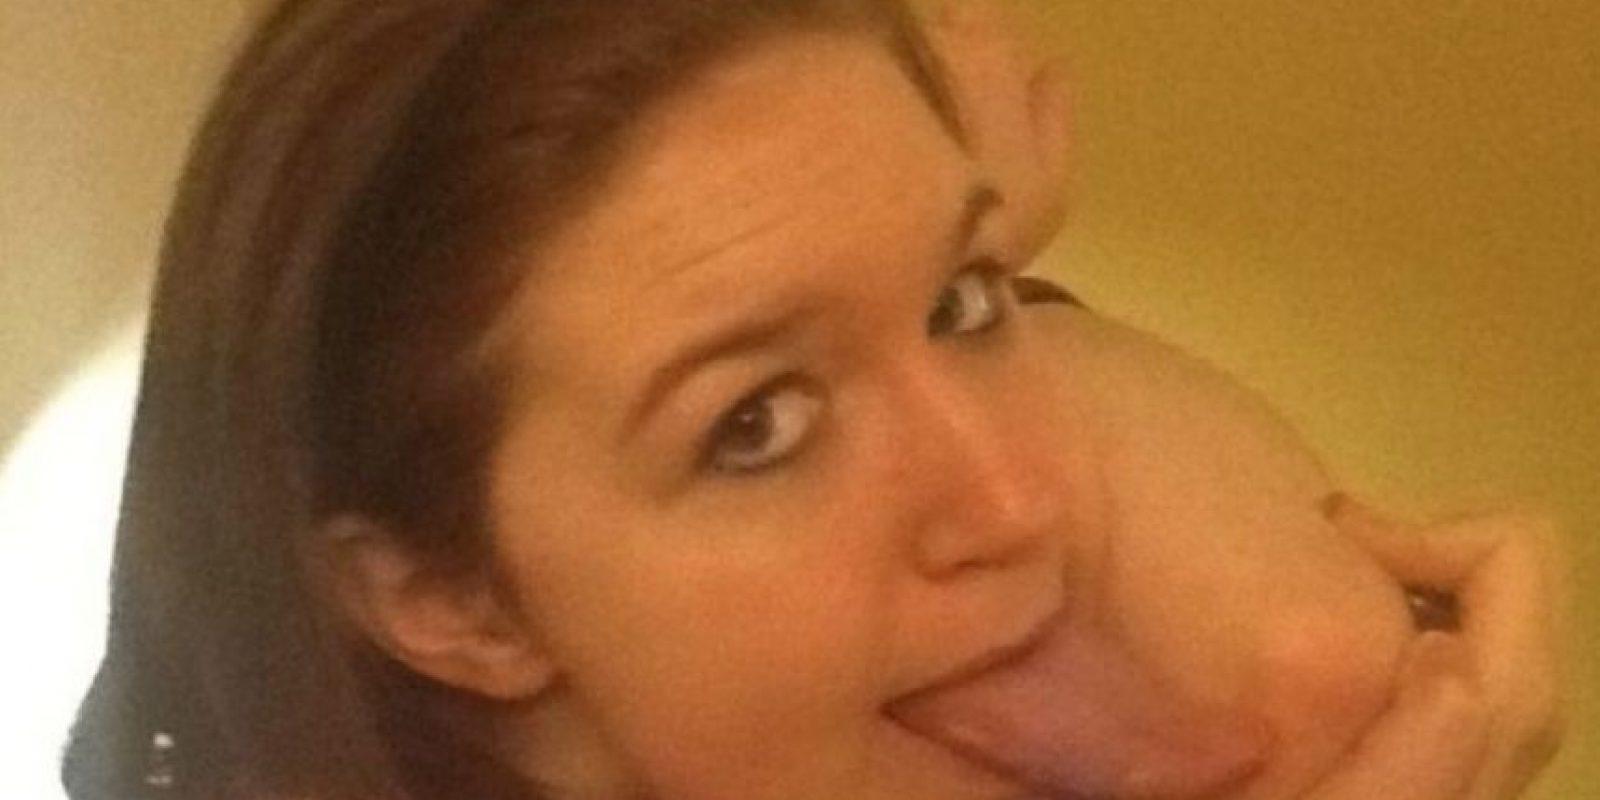 Una foto publicada en Internet en la que la chica saca la lengua, pronto se hizo viral, y no es para menos pues Lewis rebasa con la lengua su barbilla y nariz, además de alcanzar su codo y llega hasta su ojo con un poco de ayuda. Foto:Facebook.com/pages/Adrianne-Lewis